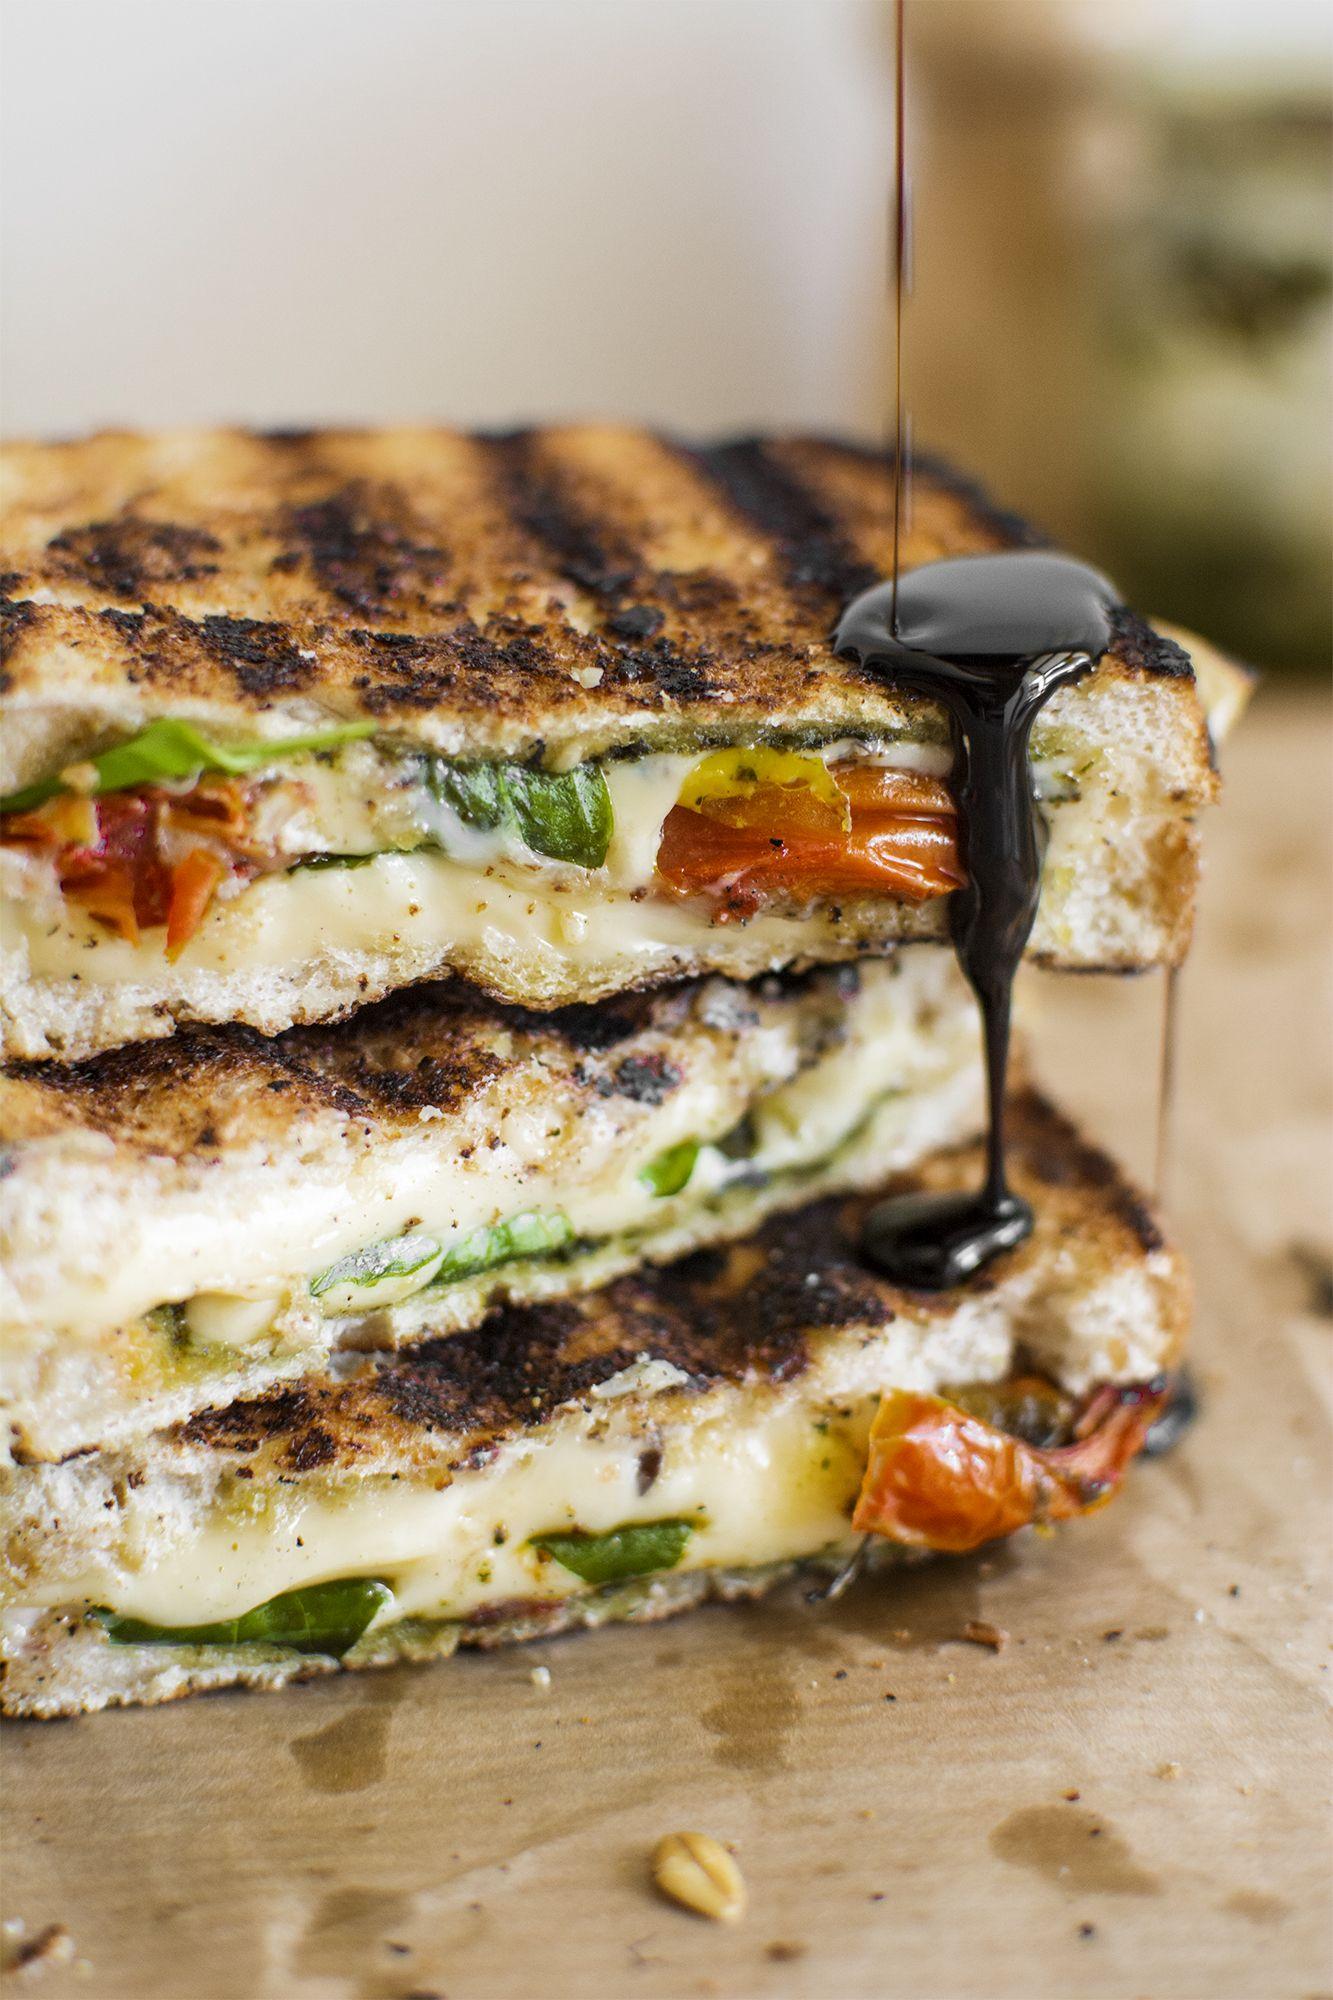 Capresa Grilled Cheese con Tomates Horneados, Pesto y Glaseado Balsámico | www.lefthandedkitchen.com